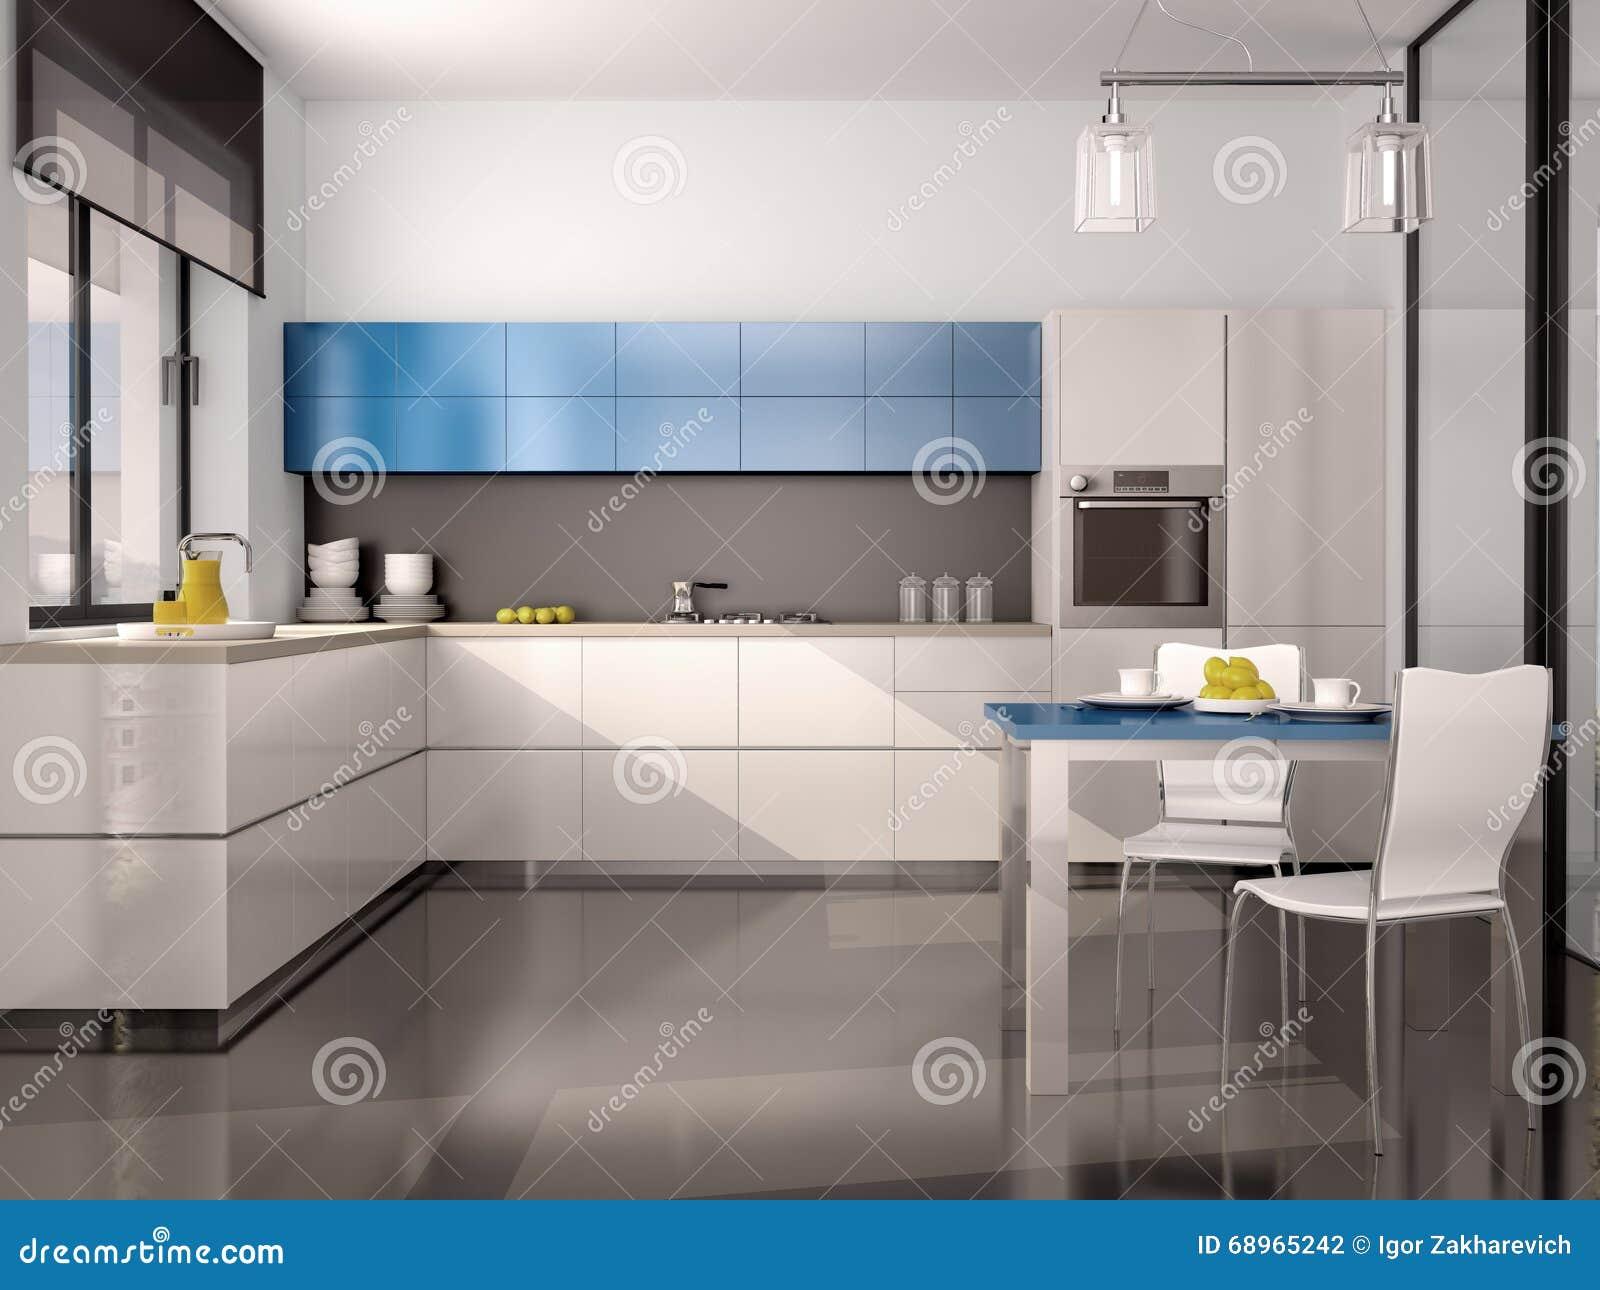 Illustration d'intérieur de cuisine moderne dans le gris bleu ...